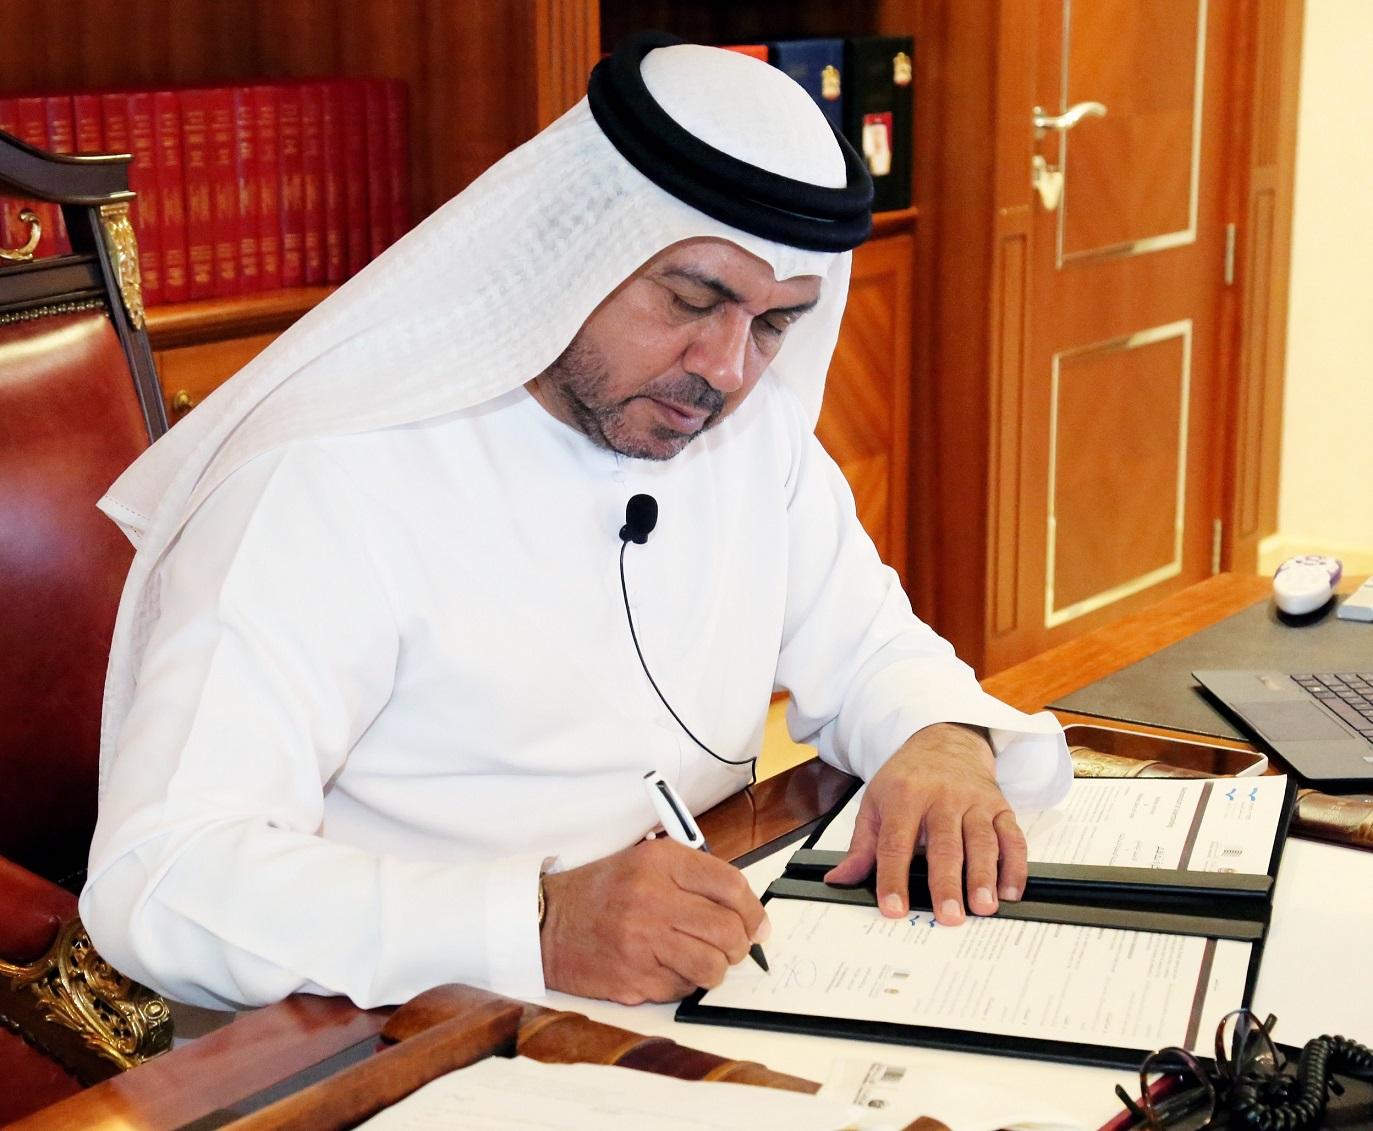 توقيع مذكرة تفاهم بين الأرشيف الوطني الإماراتي والمكتبة الوطنية الإسرائيلية